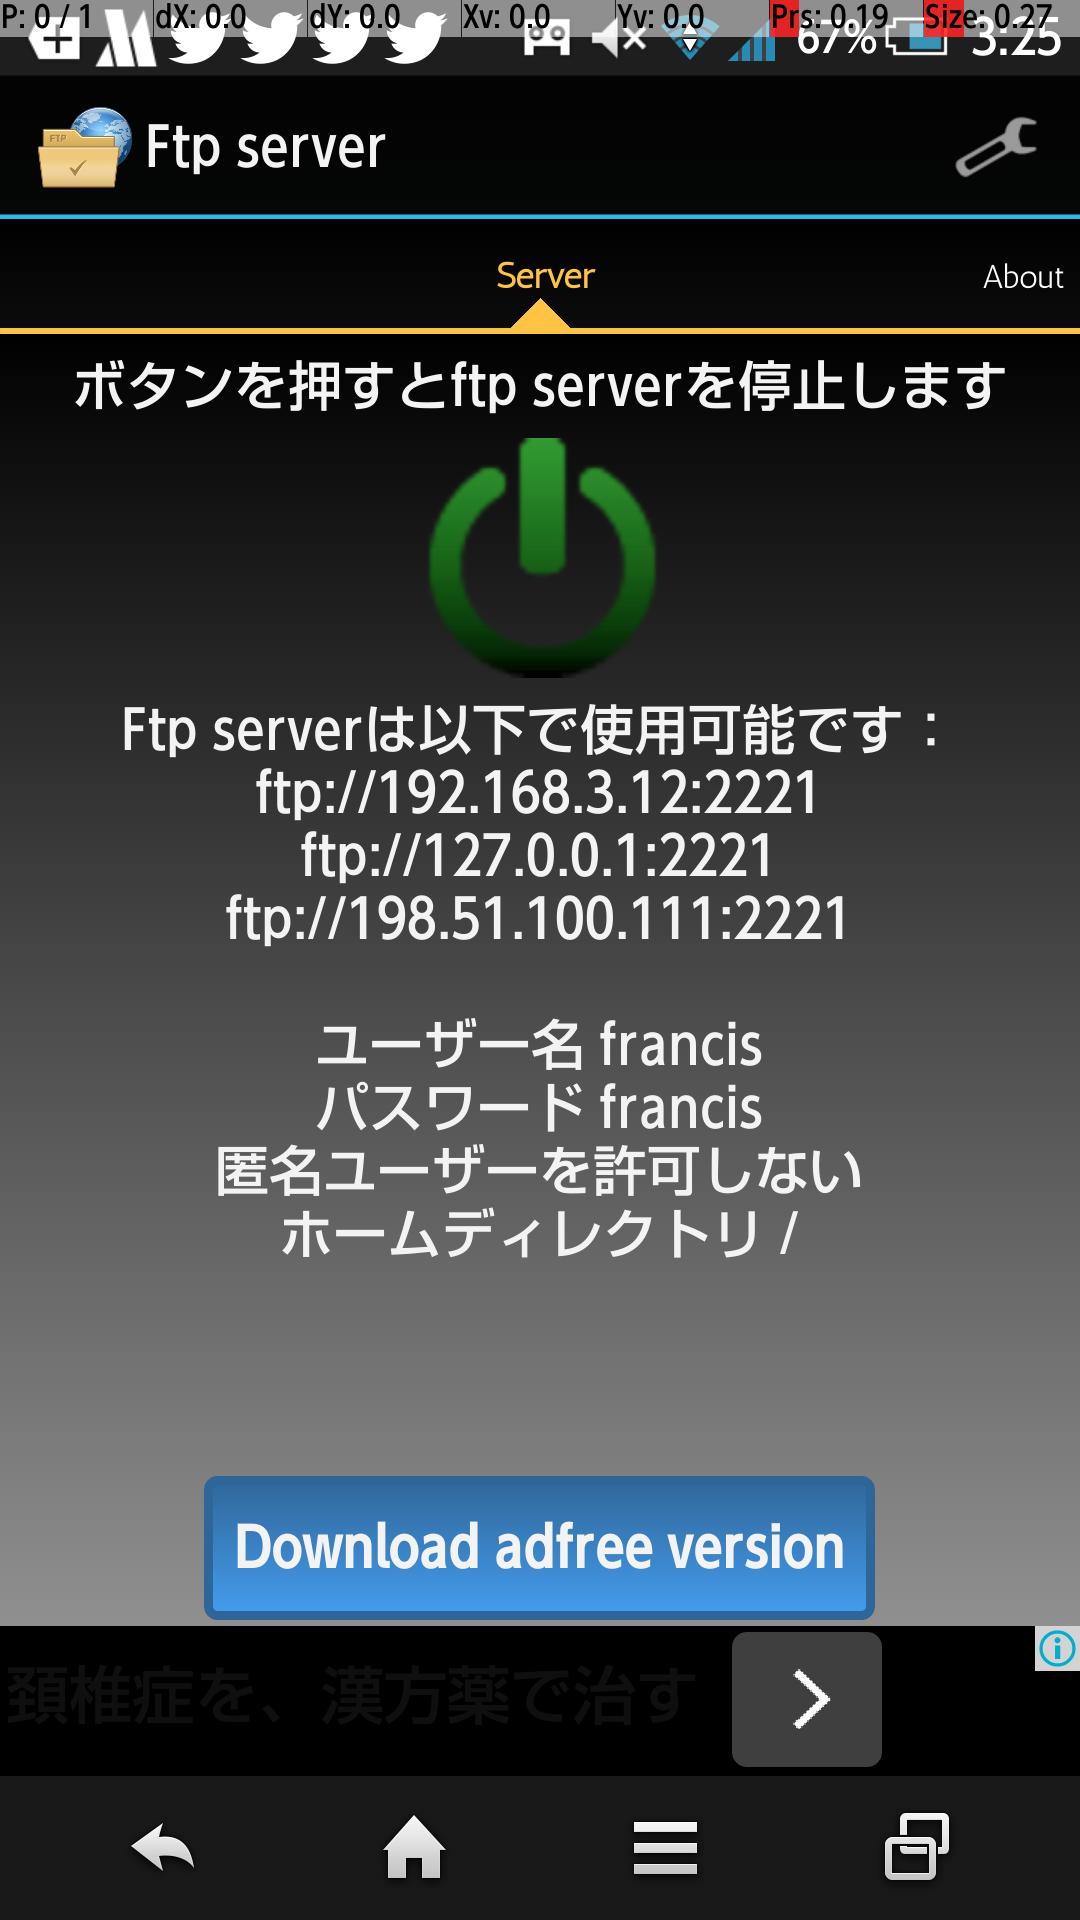 Ftp server] Androidのファイル移動はftp経由したほうが楽かもしれない